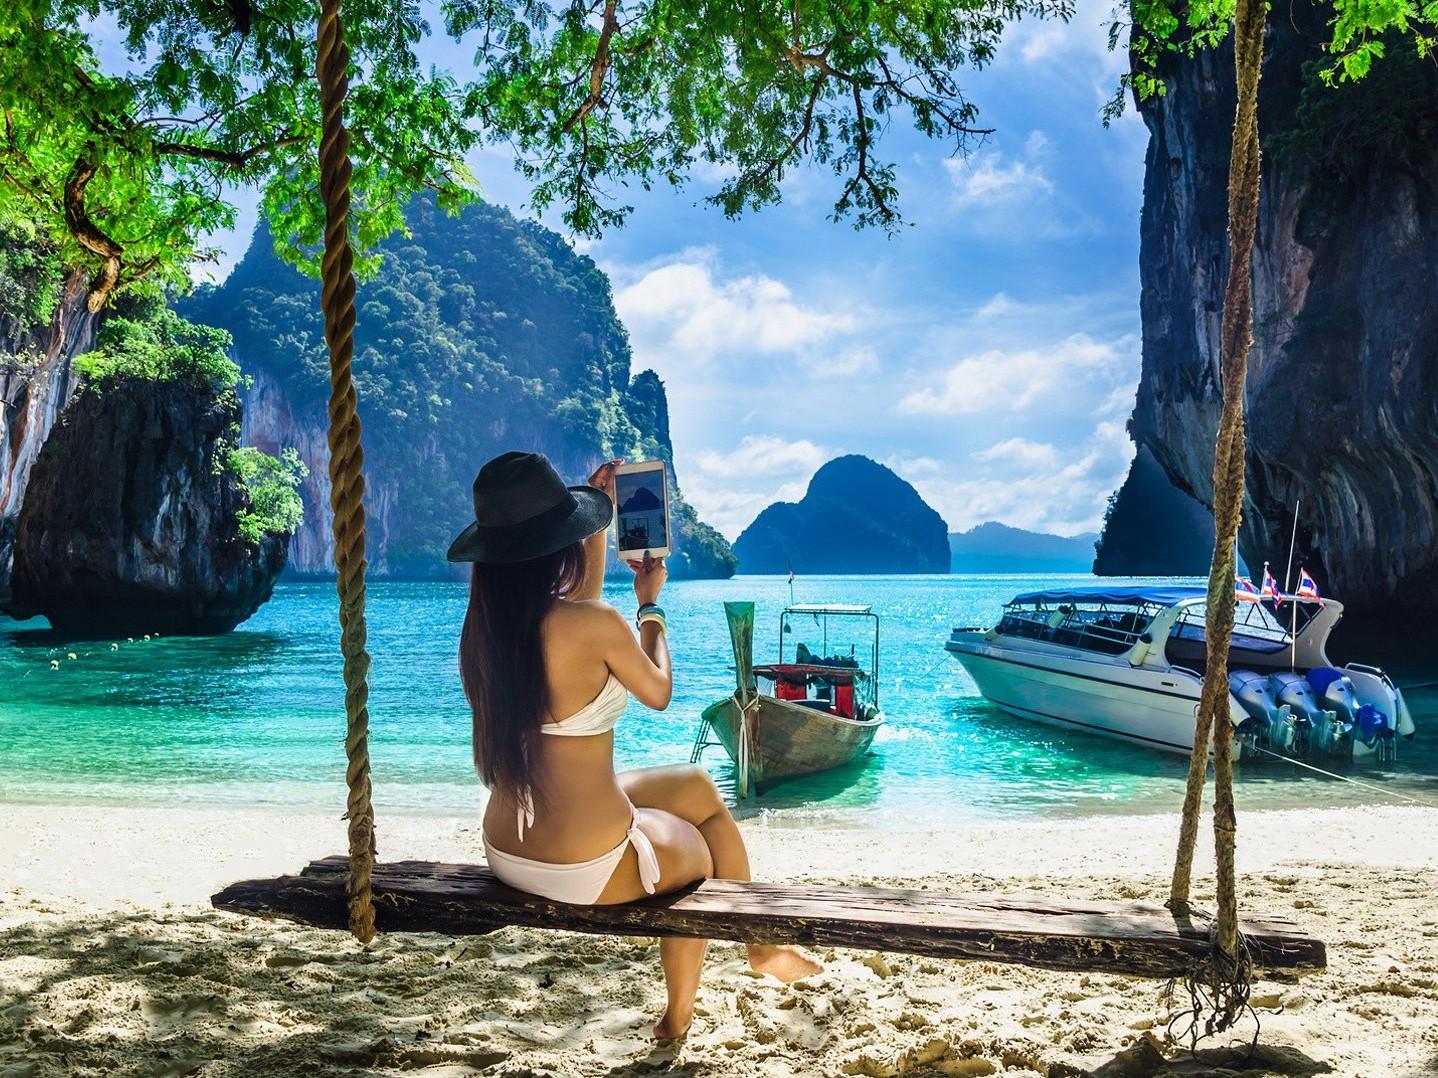 Таиланд с прямым гарантированным перелётом!